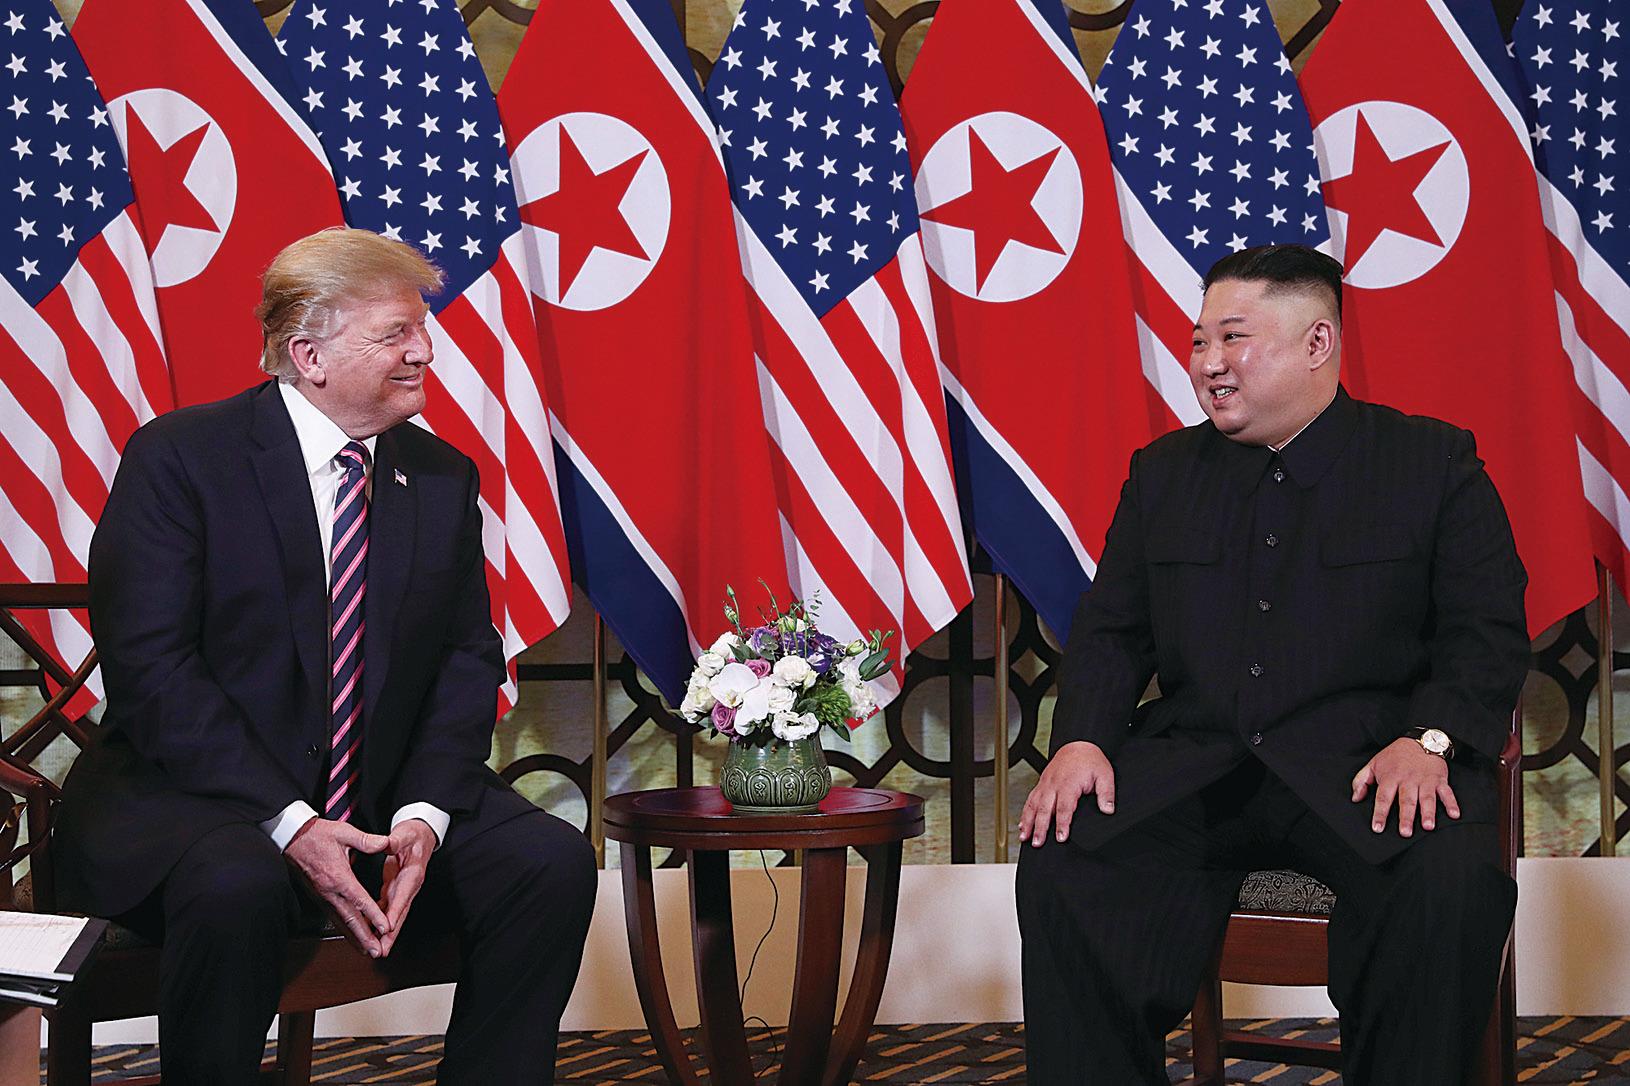 2月27日,特朗普在河內與金正恩舉行第二次會談。因金正恩不能全面棄核,會議以特朗普離席而告終。(Getty Images)